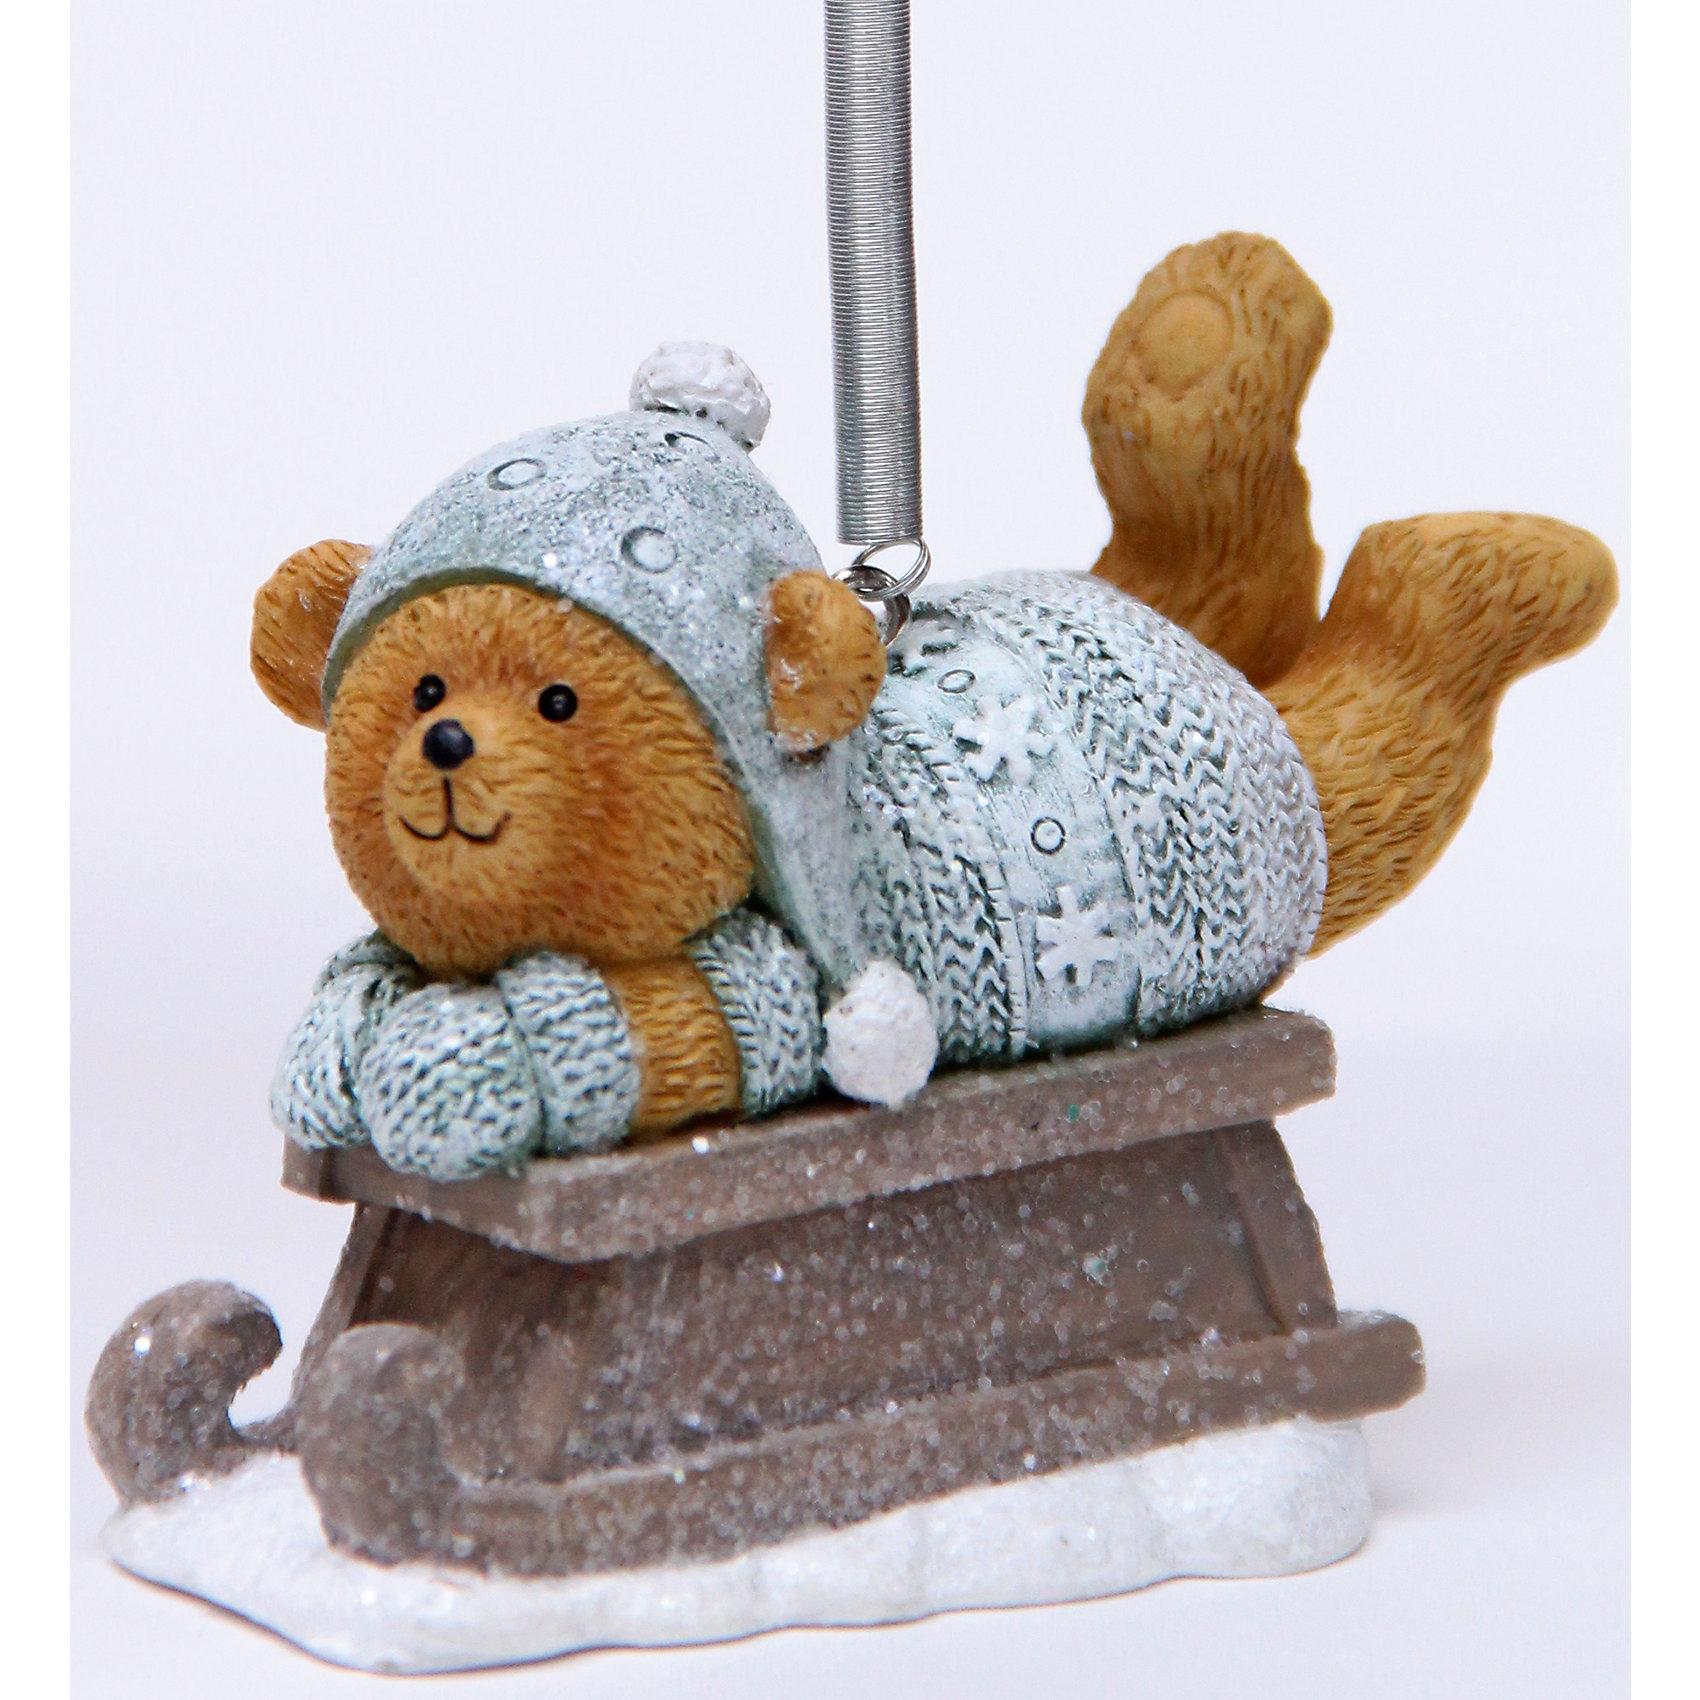 Украшение Медвежонок на салазкахНовый год - самый любимый праздник у многих детей и взрослых. Праздничное настроение создает в первую очередь украшенный дом и, особенно, наряженная ёлка. Будь она из леса или искусственная - такая подвесная игрушка украсит любую!<br>Она сделана из безопасного для детей, прочного, но легкого, материала, поэтому не разобьется, упав на пол. Благодаря расцветке украшение отлично смотрится на ёлке. Создайте с ним праздничное настроение себе и близким!<br><br>Дополнительная информация:<br><br>цвет: разноцветный;<br>материал: полирезина;<br>размер: 6 х 4 х 8 см.<br><br>Украшение Медвежонок на салазках можно купить в нашем магазине.<br><br>Ширина мм: 150<br>Глубина мм: 150<br>Высота мм: 60<br>Вес г: 78<br>Возраст от месяцев: 36<br>Возраст до месяцев: 2147483647<br>Пол: Унисекс<br>Возраст: Детский<br>SKU: 4981699